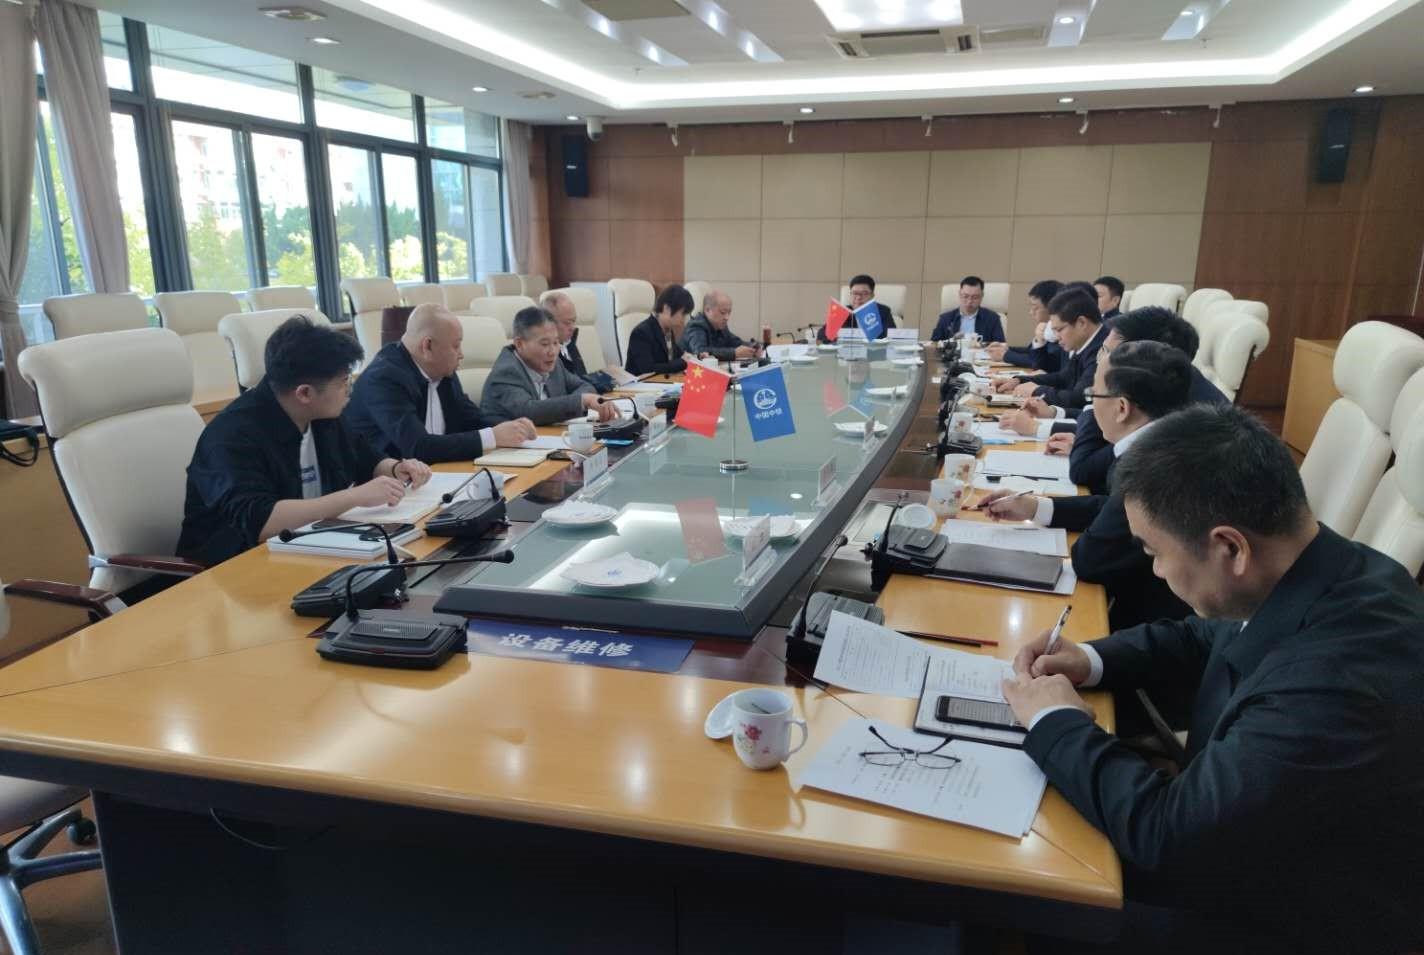 双方参会人员在局会议室进行交流.jpg